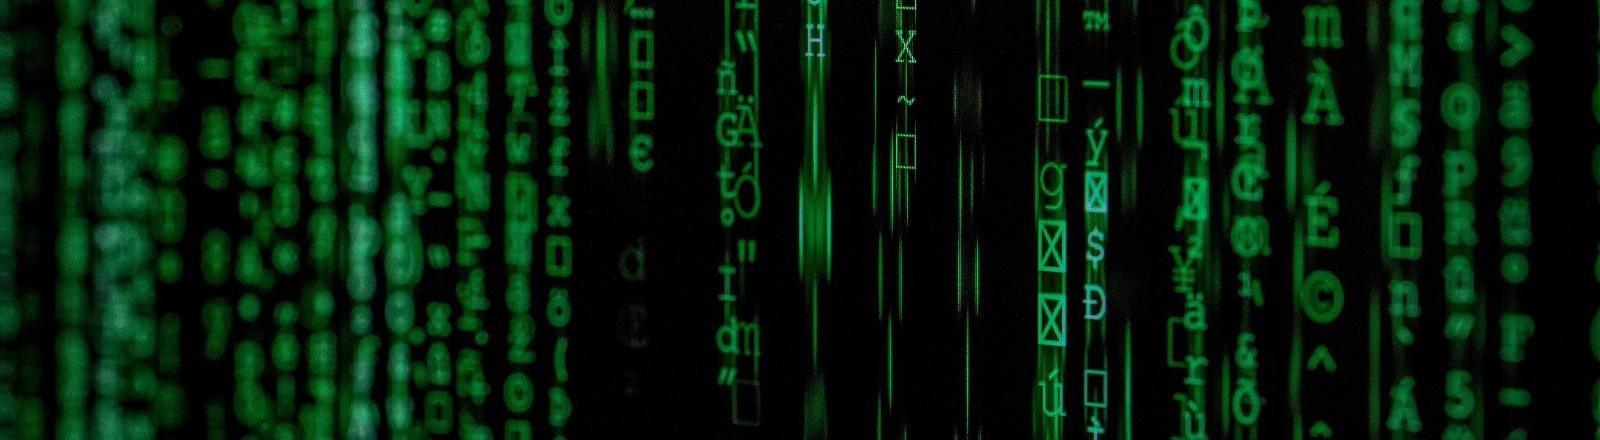 Grüne Datensätze rasen über einen schwarzen Bildschirm